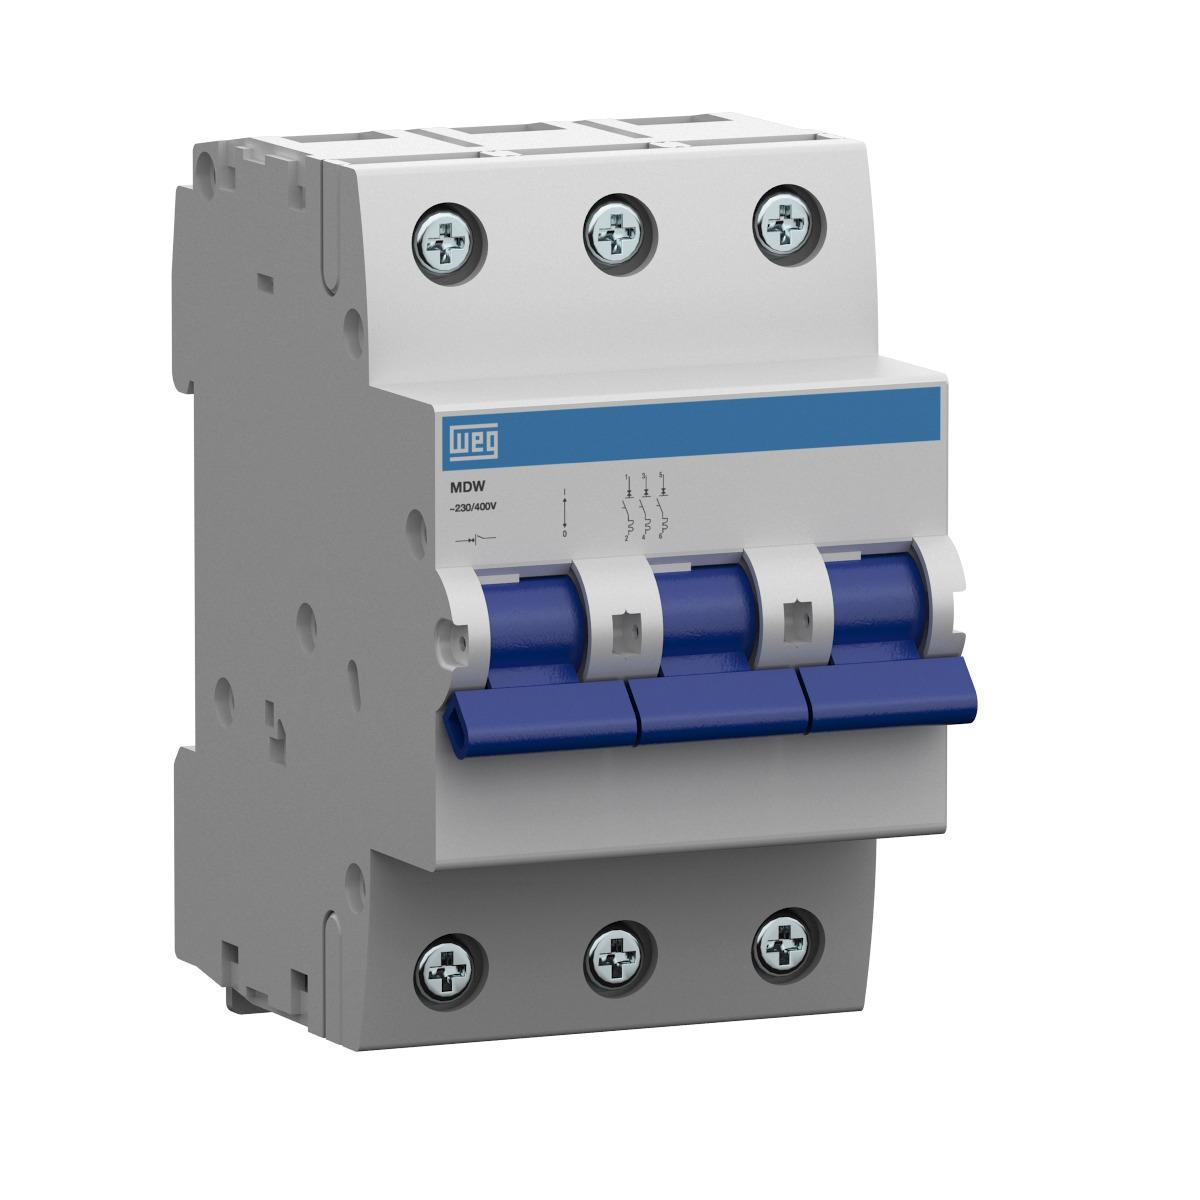 Minidisjuntor Termomagnético Weg Mdw-C16-3